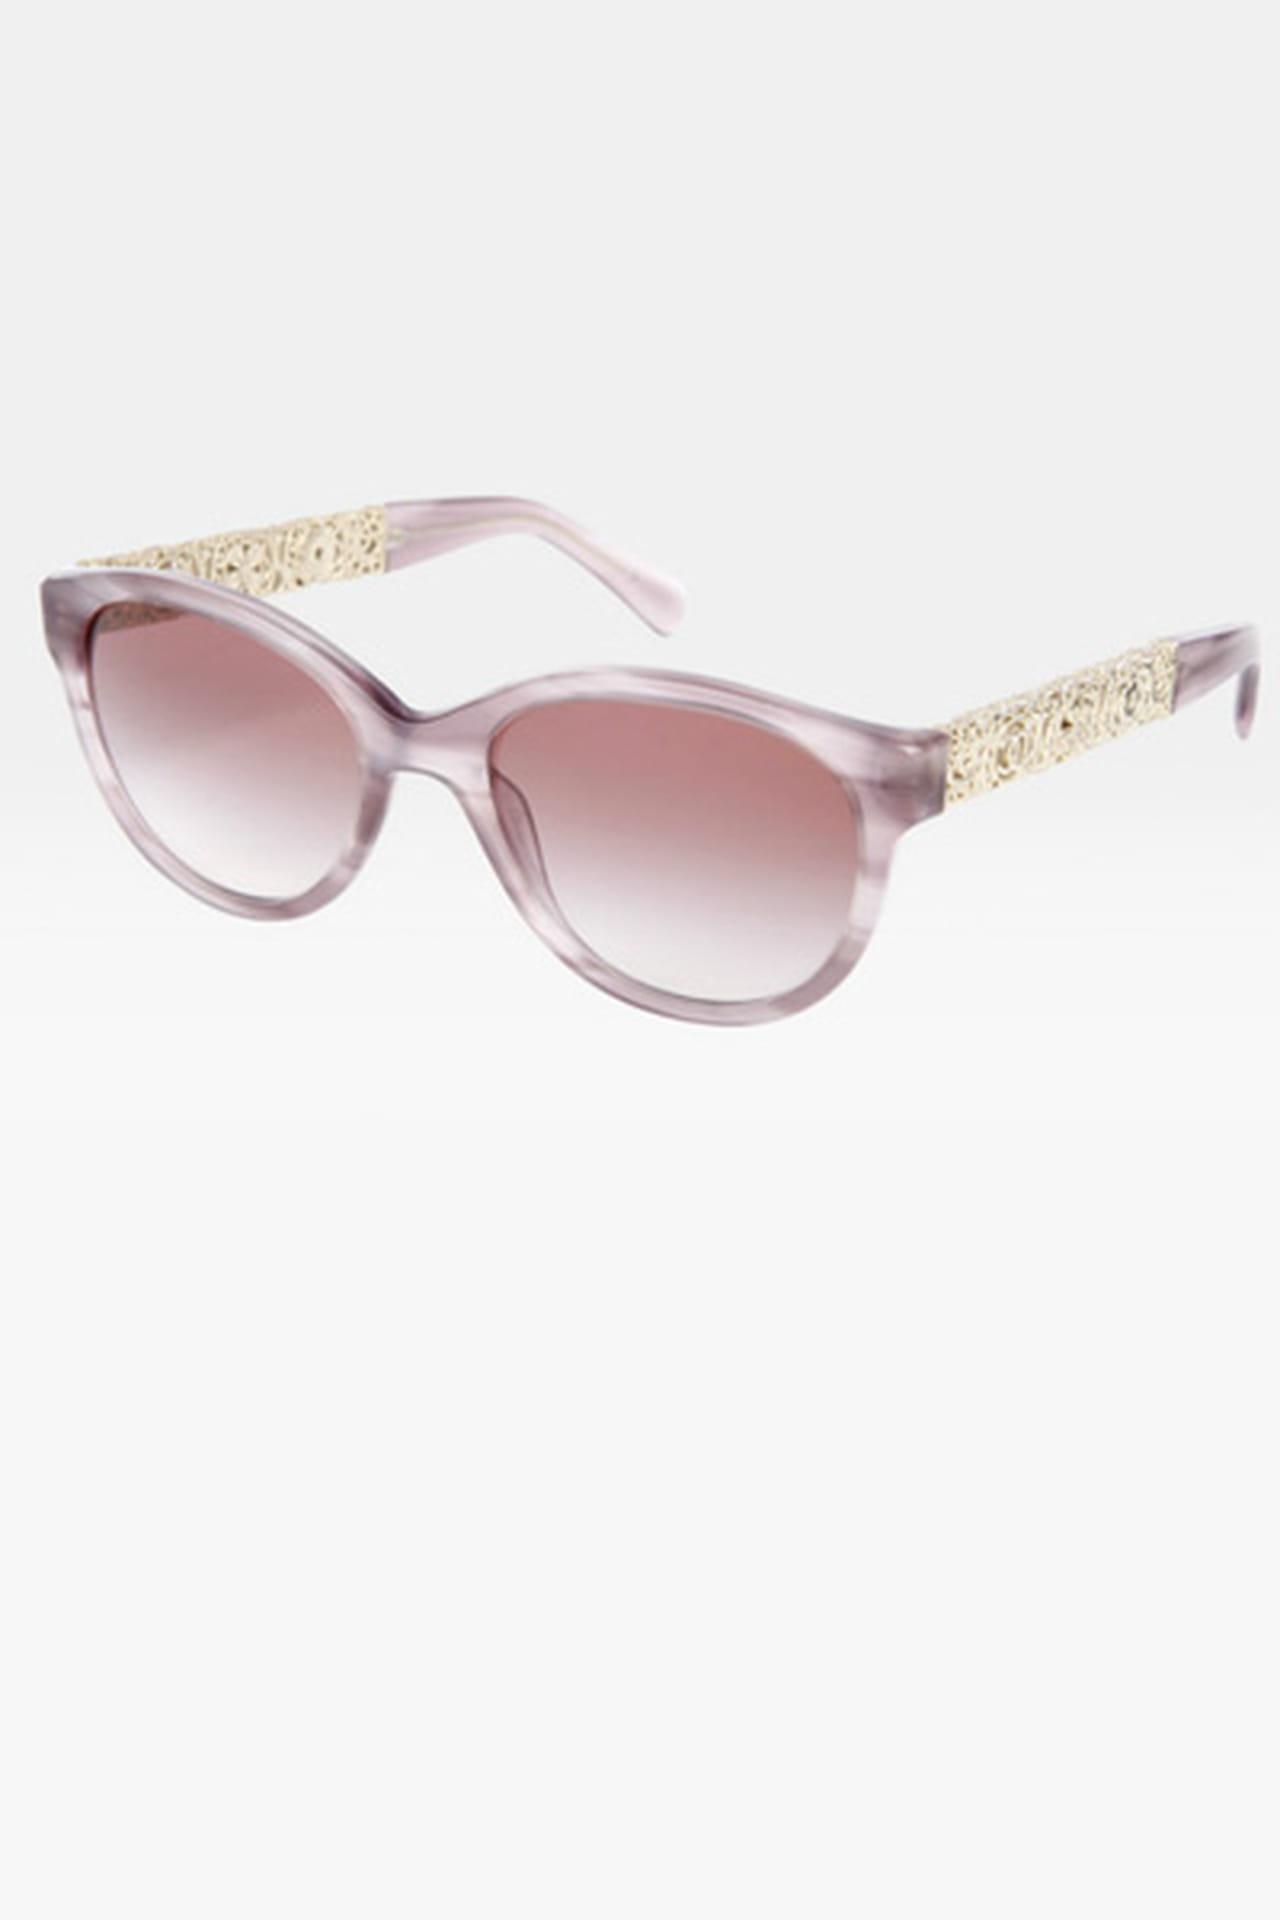 a67d54ddb نظارة شمسية مزينة بزخرفة ذهبية من Chanel. من مجموعة Chanel لربيع وصيف 2013